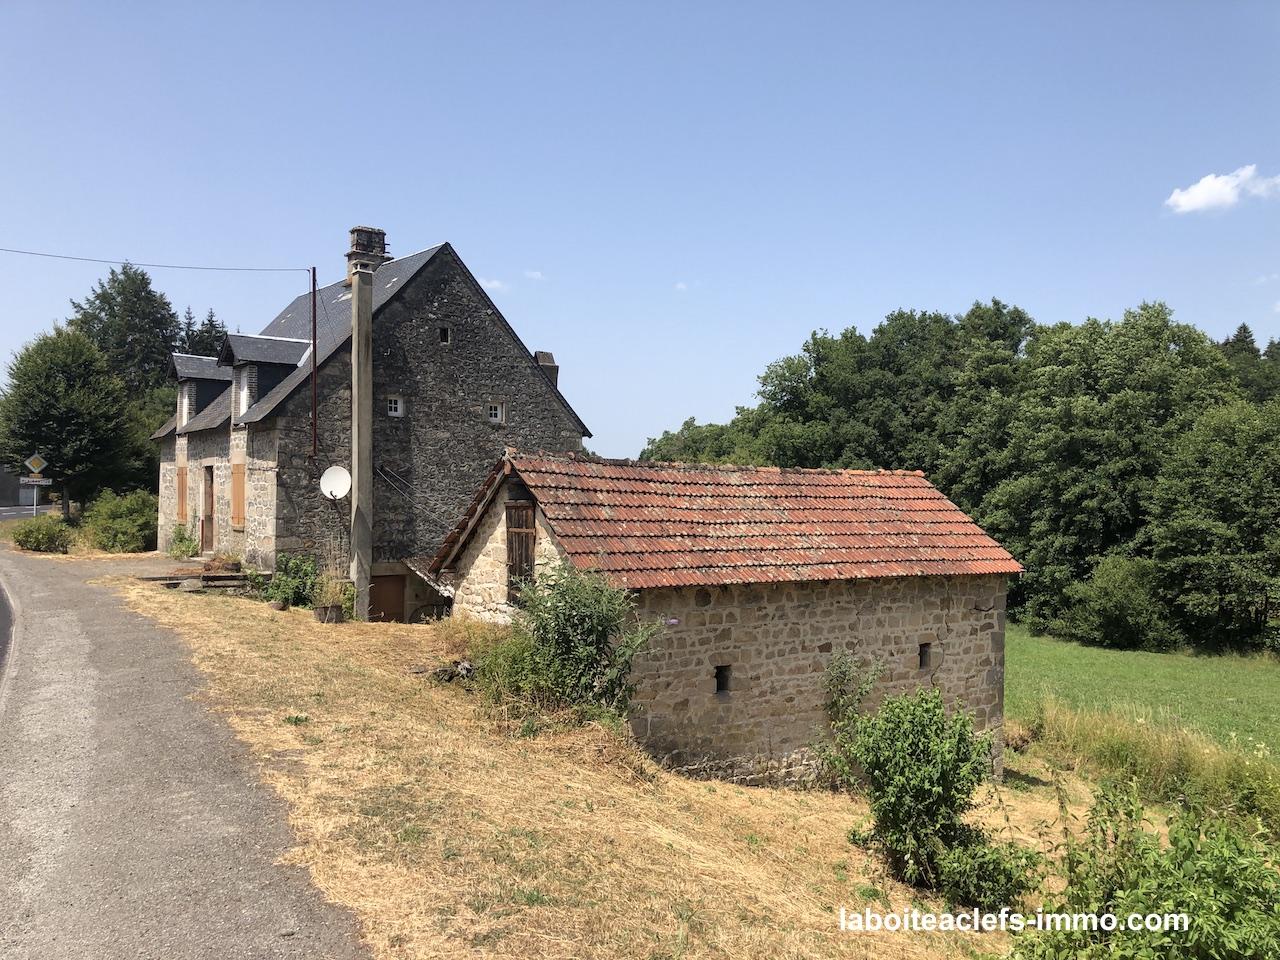 une maison en pierre jardin 1 hectare..